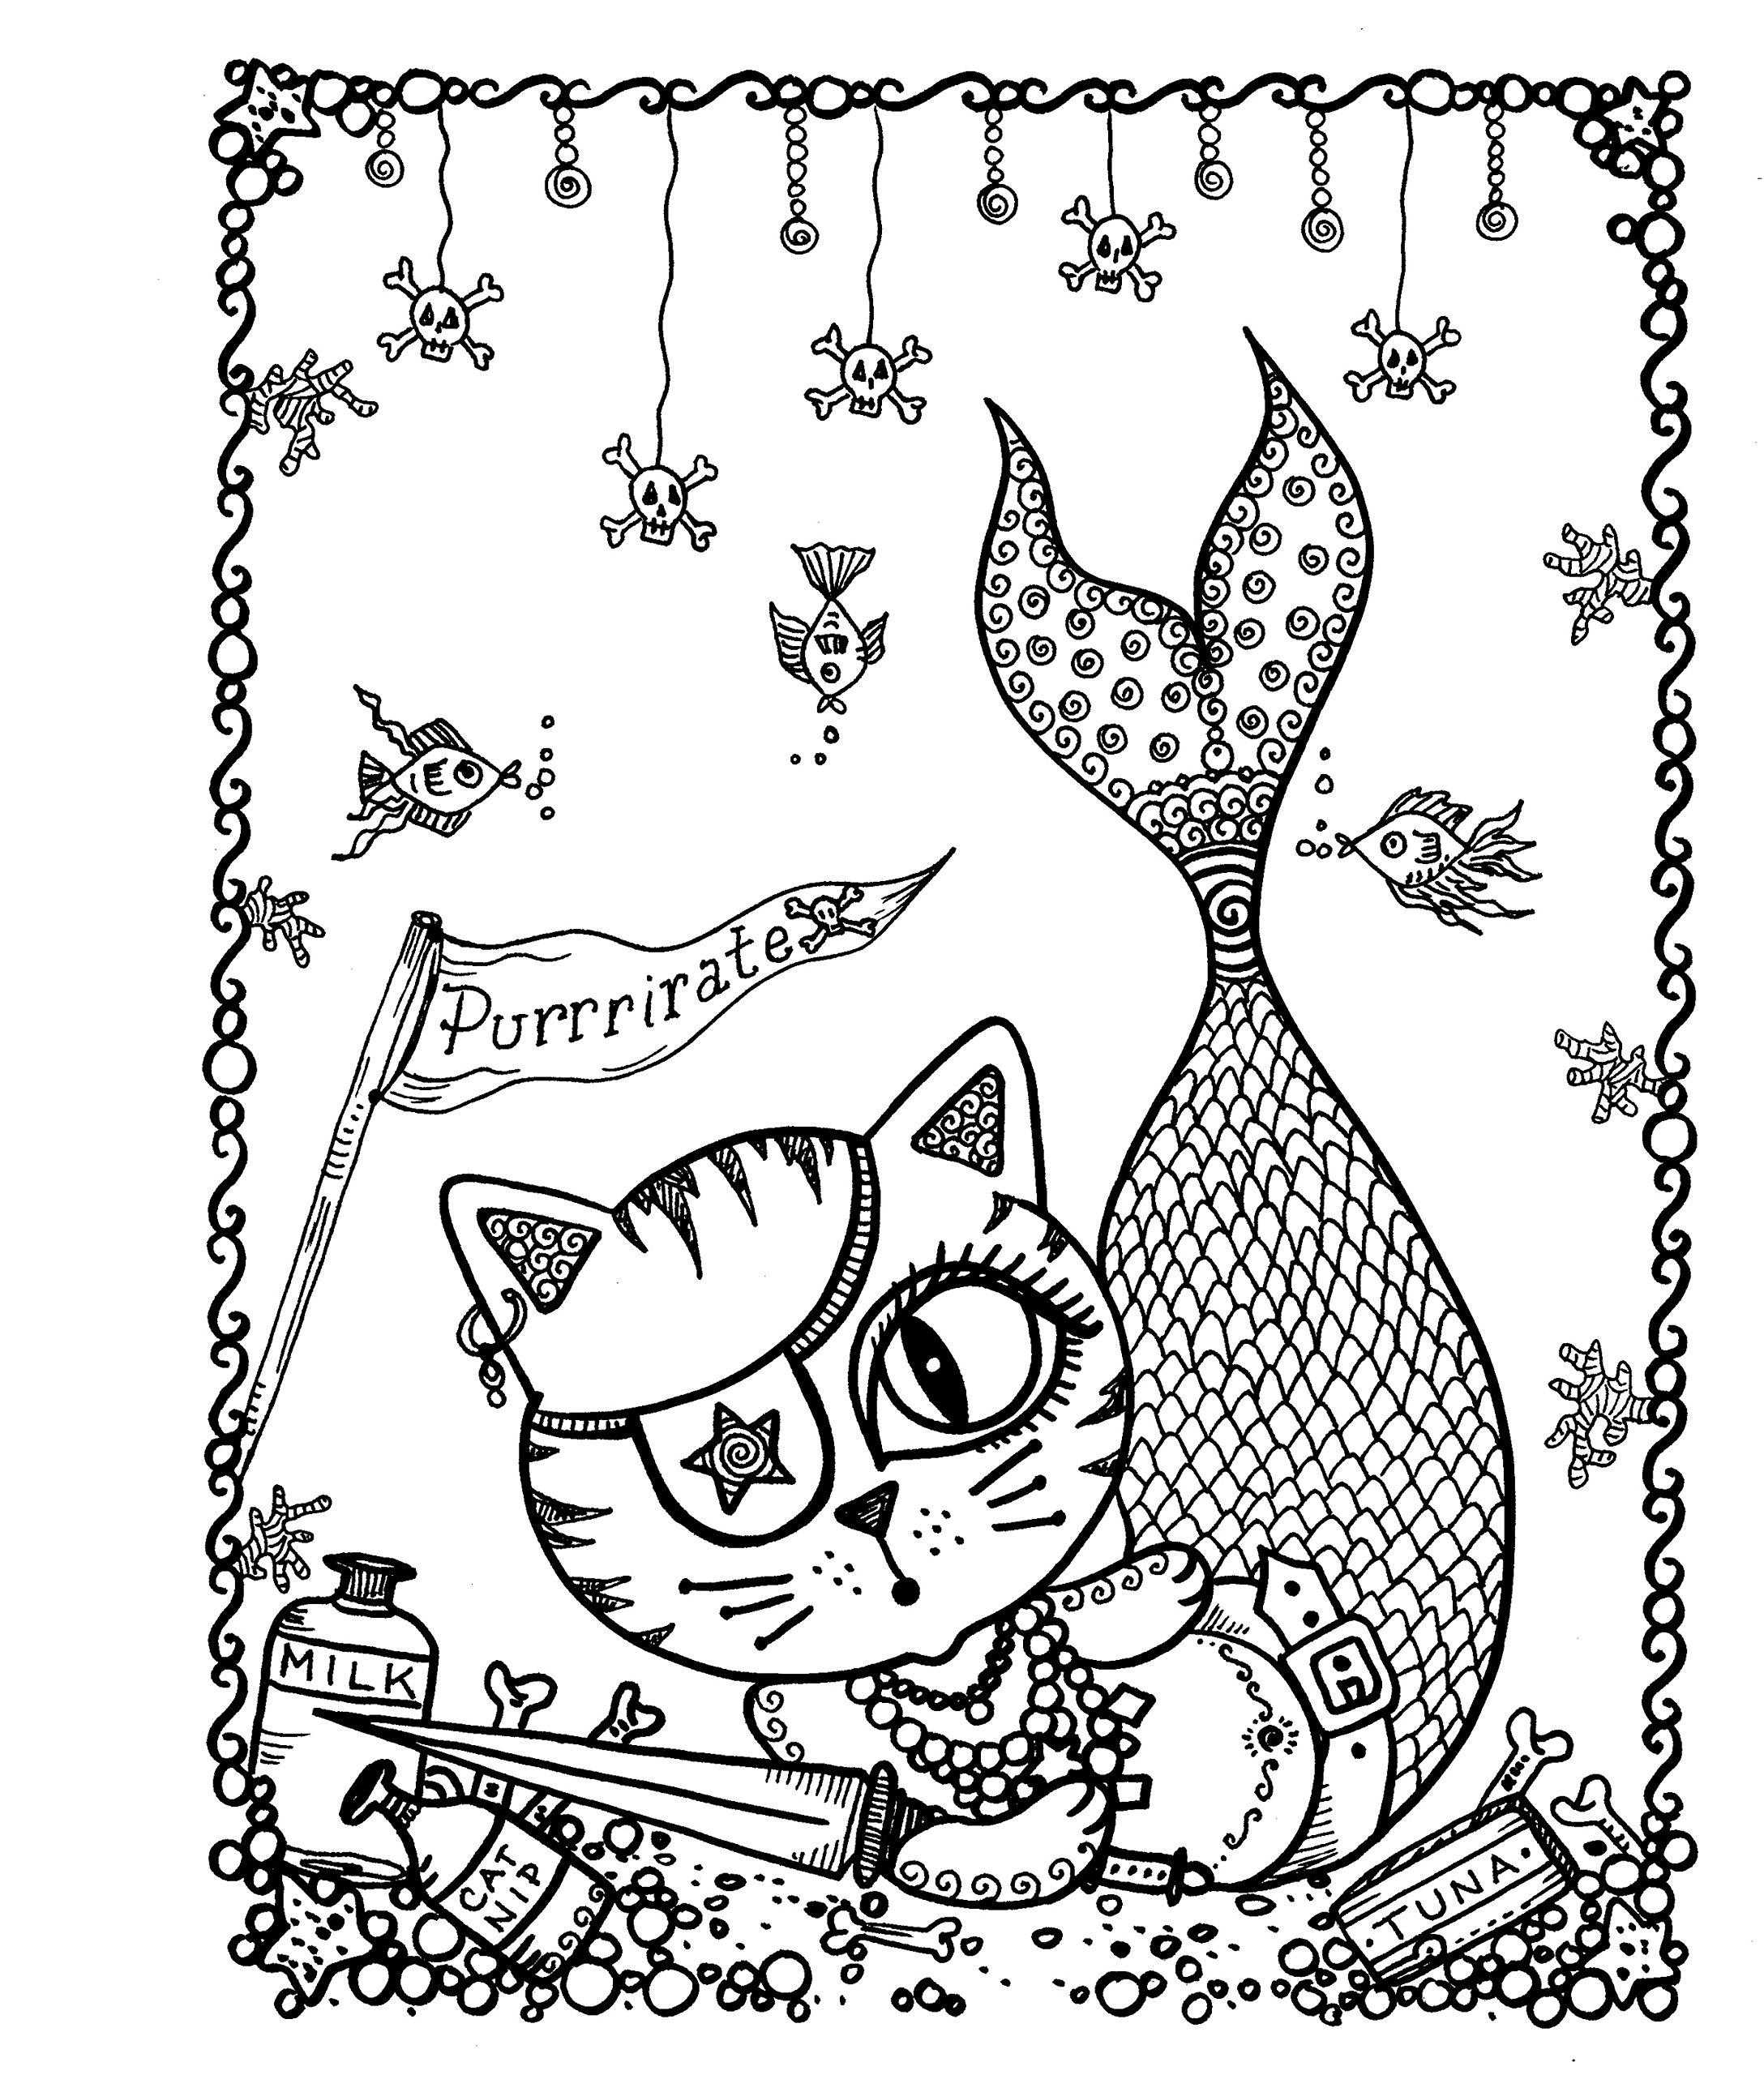 Раскраски сложные для взрослых антистресс «Кошечка русалка пират», чтобы распечатать